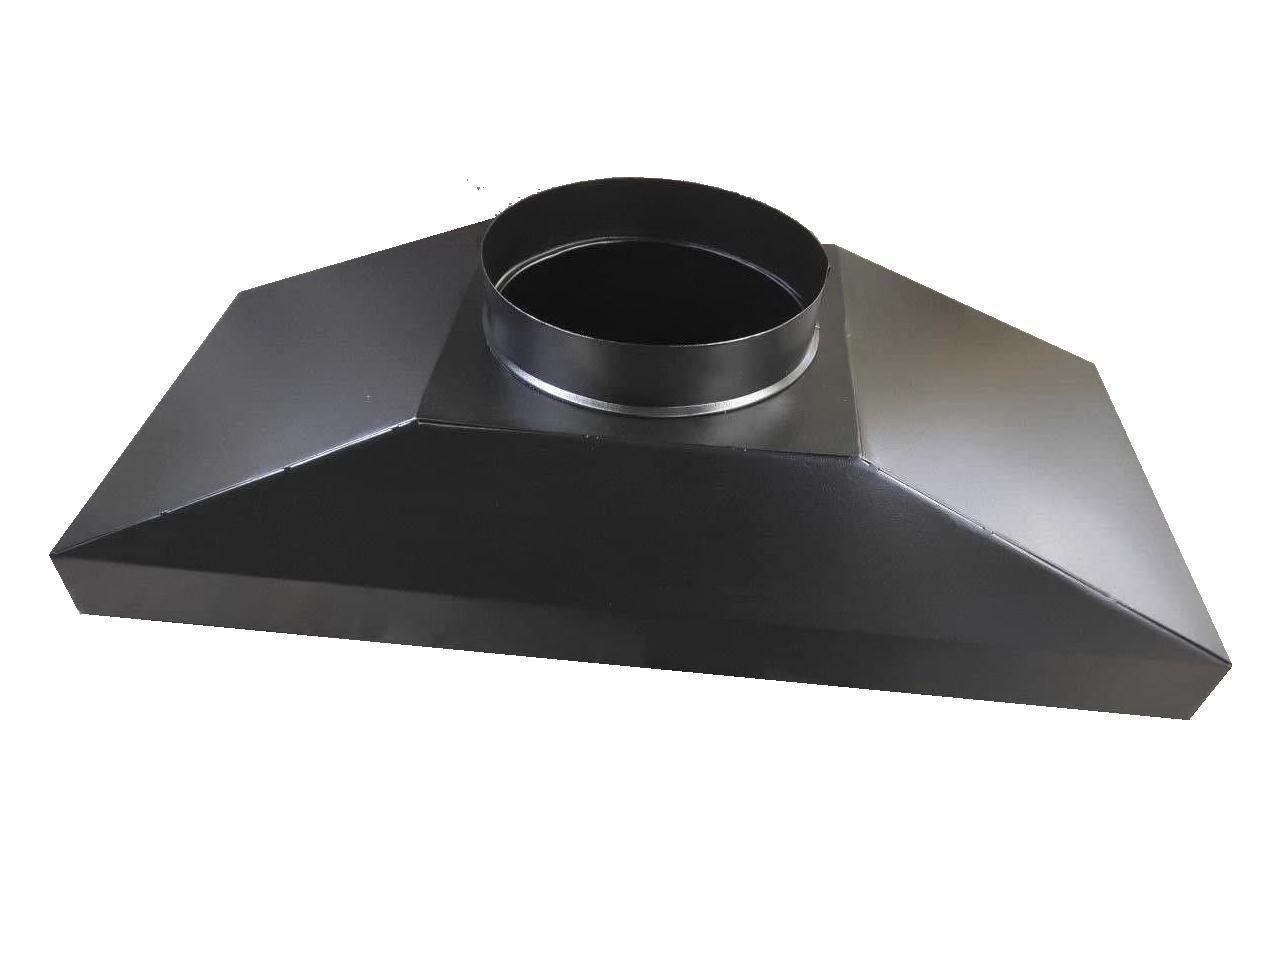 Зонт вытяжной для Cryptone-21/10 (8-13 GPU) 850х305 врезка D200мм